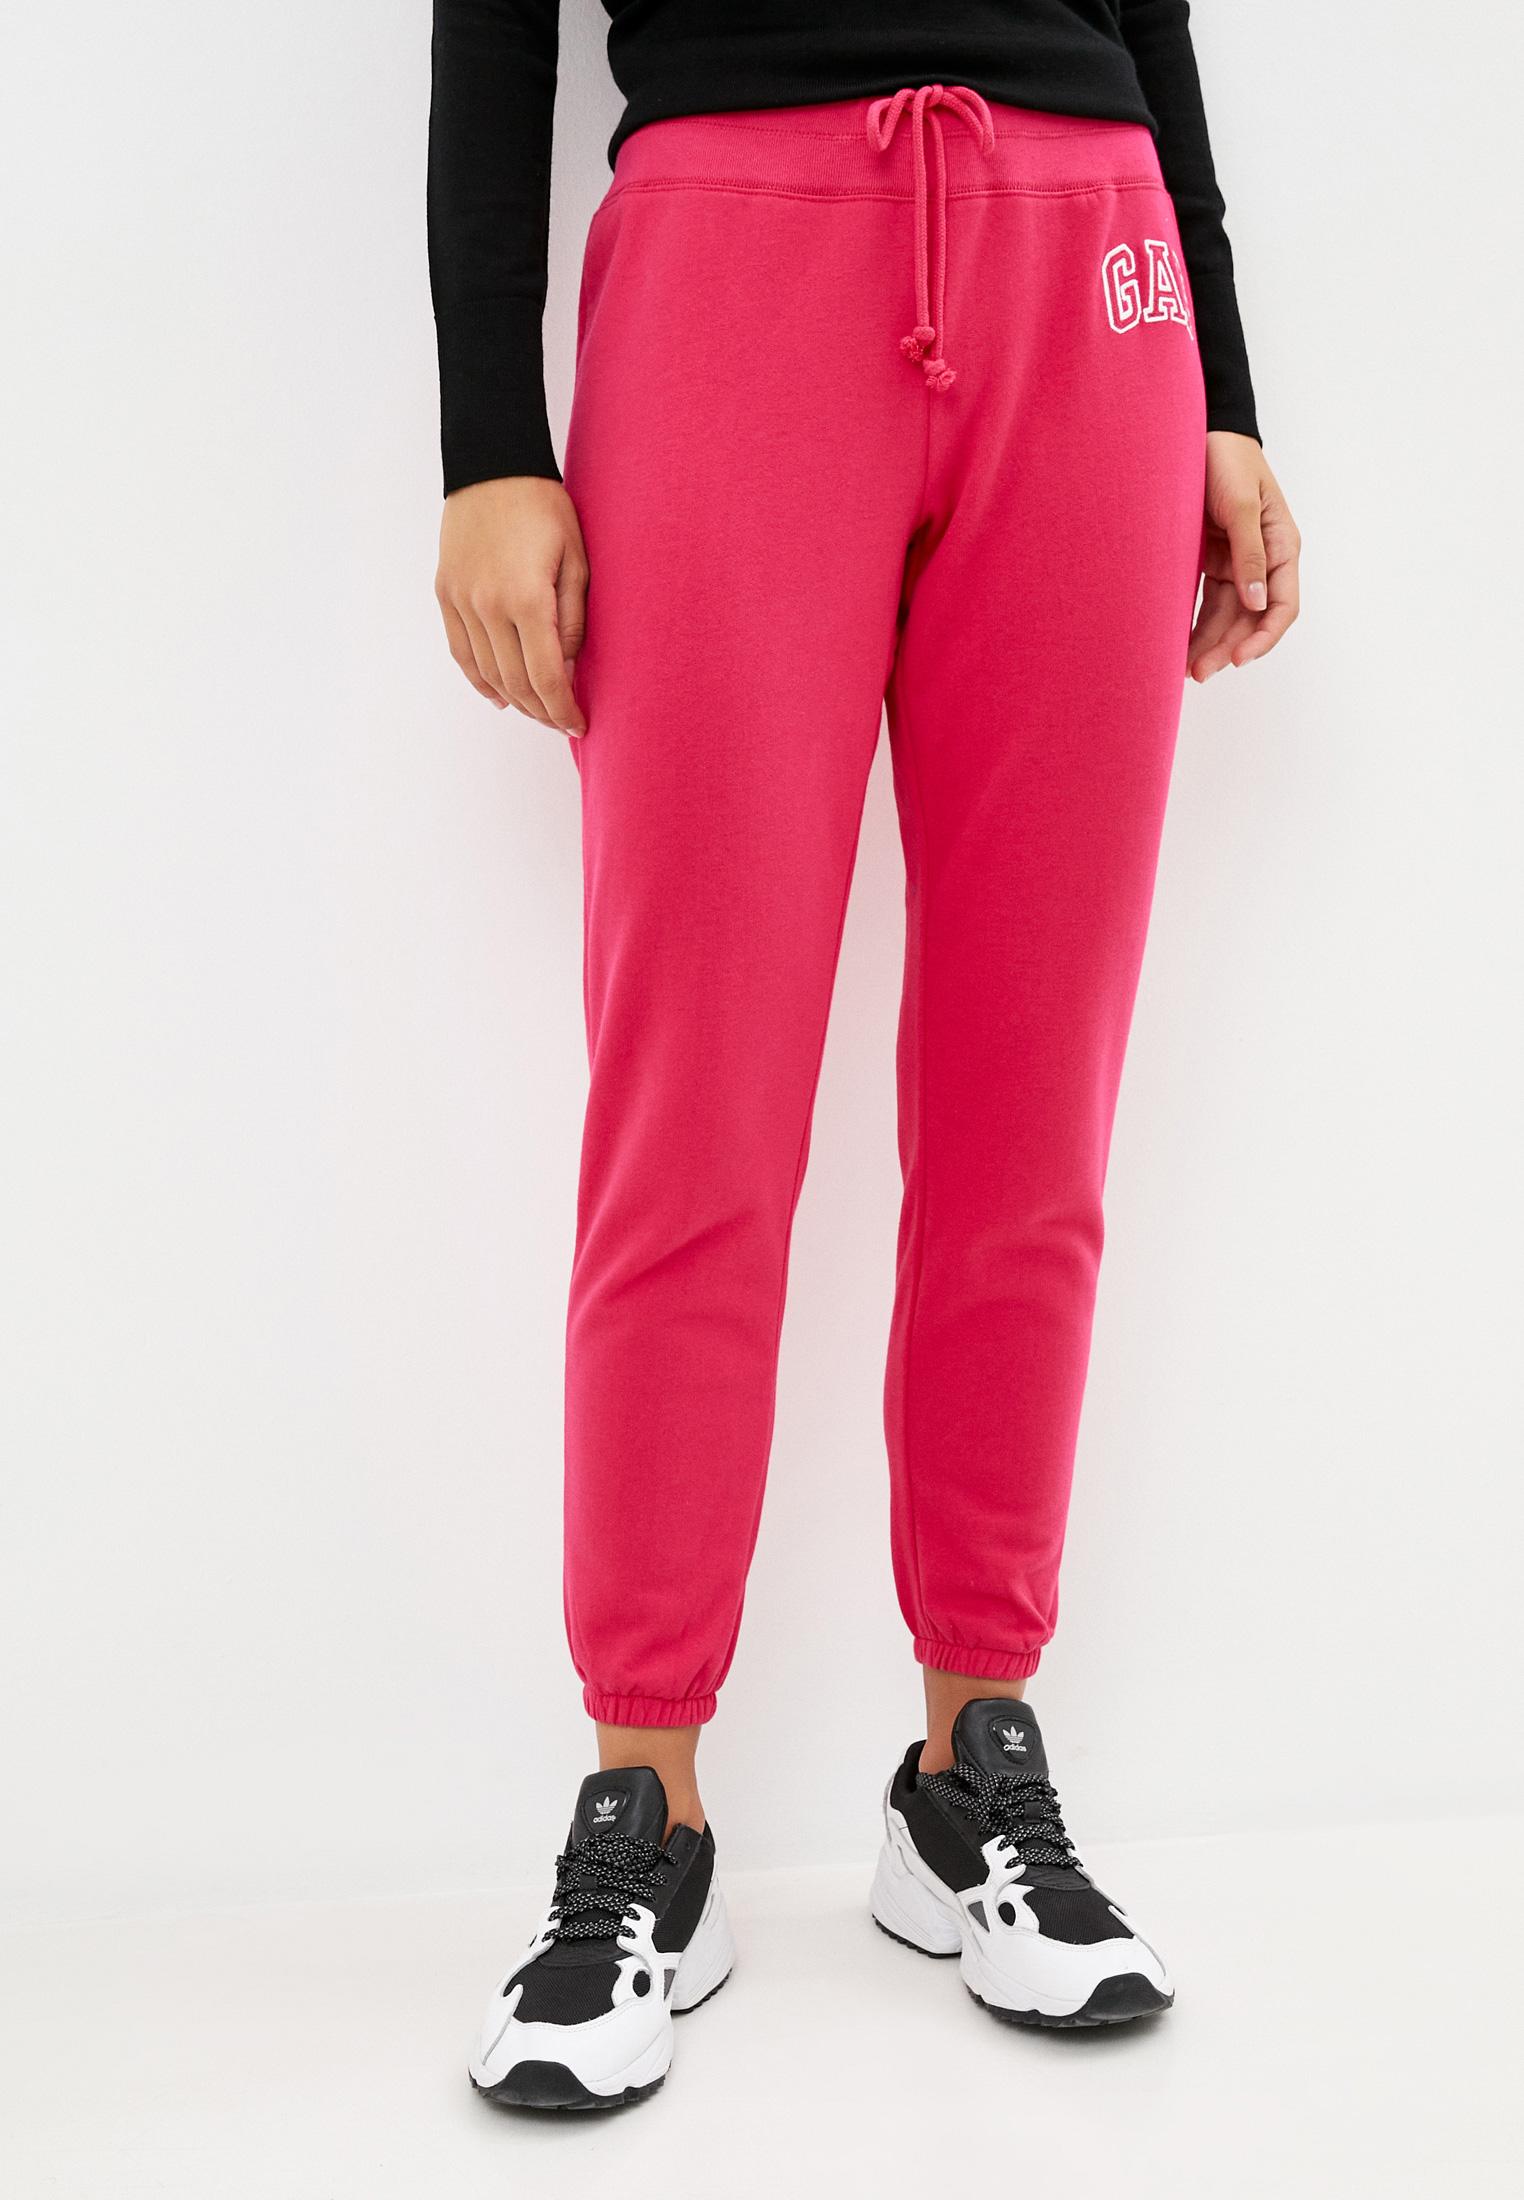 Женские спортивные брюки Gap 715905